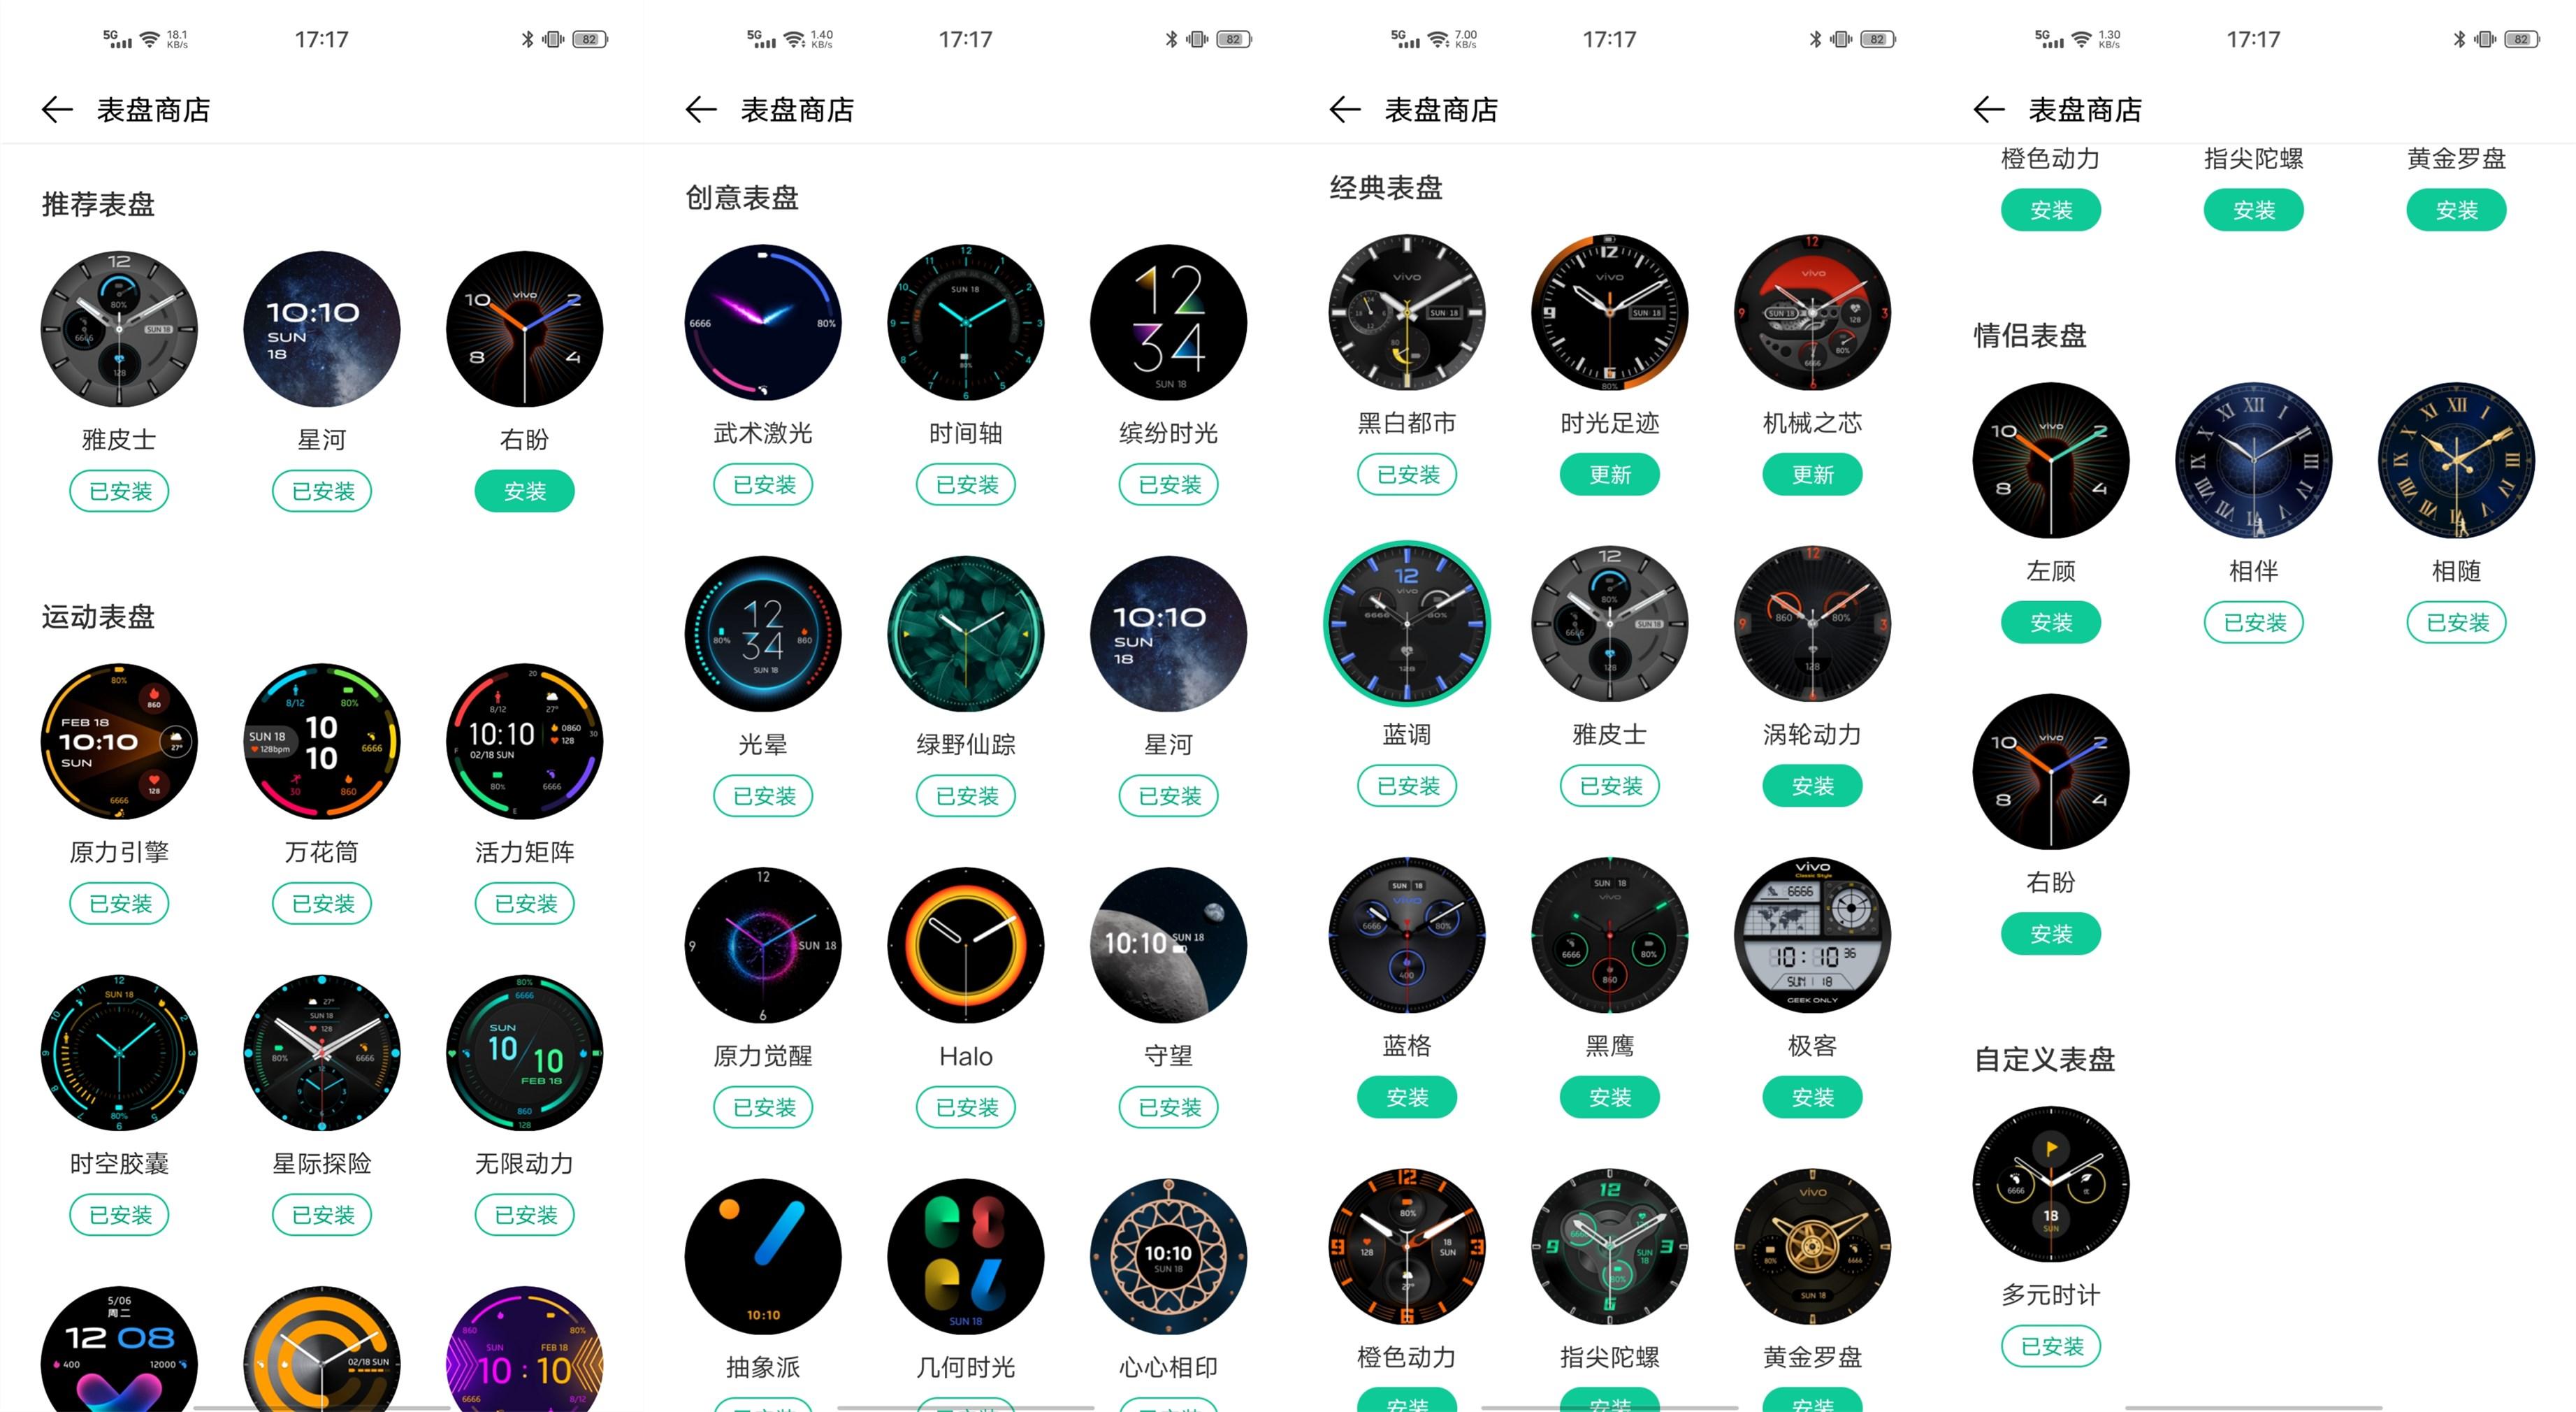 Screenshot_20200922_171735_副本.jpg